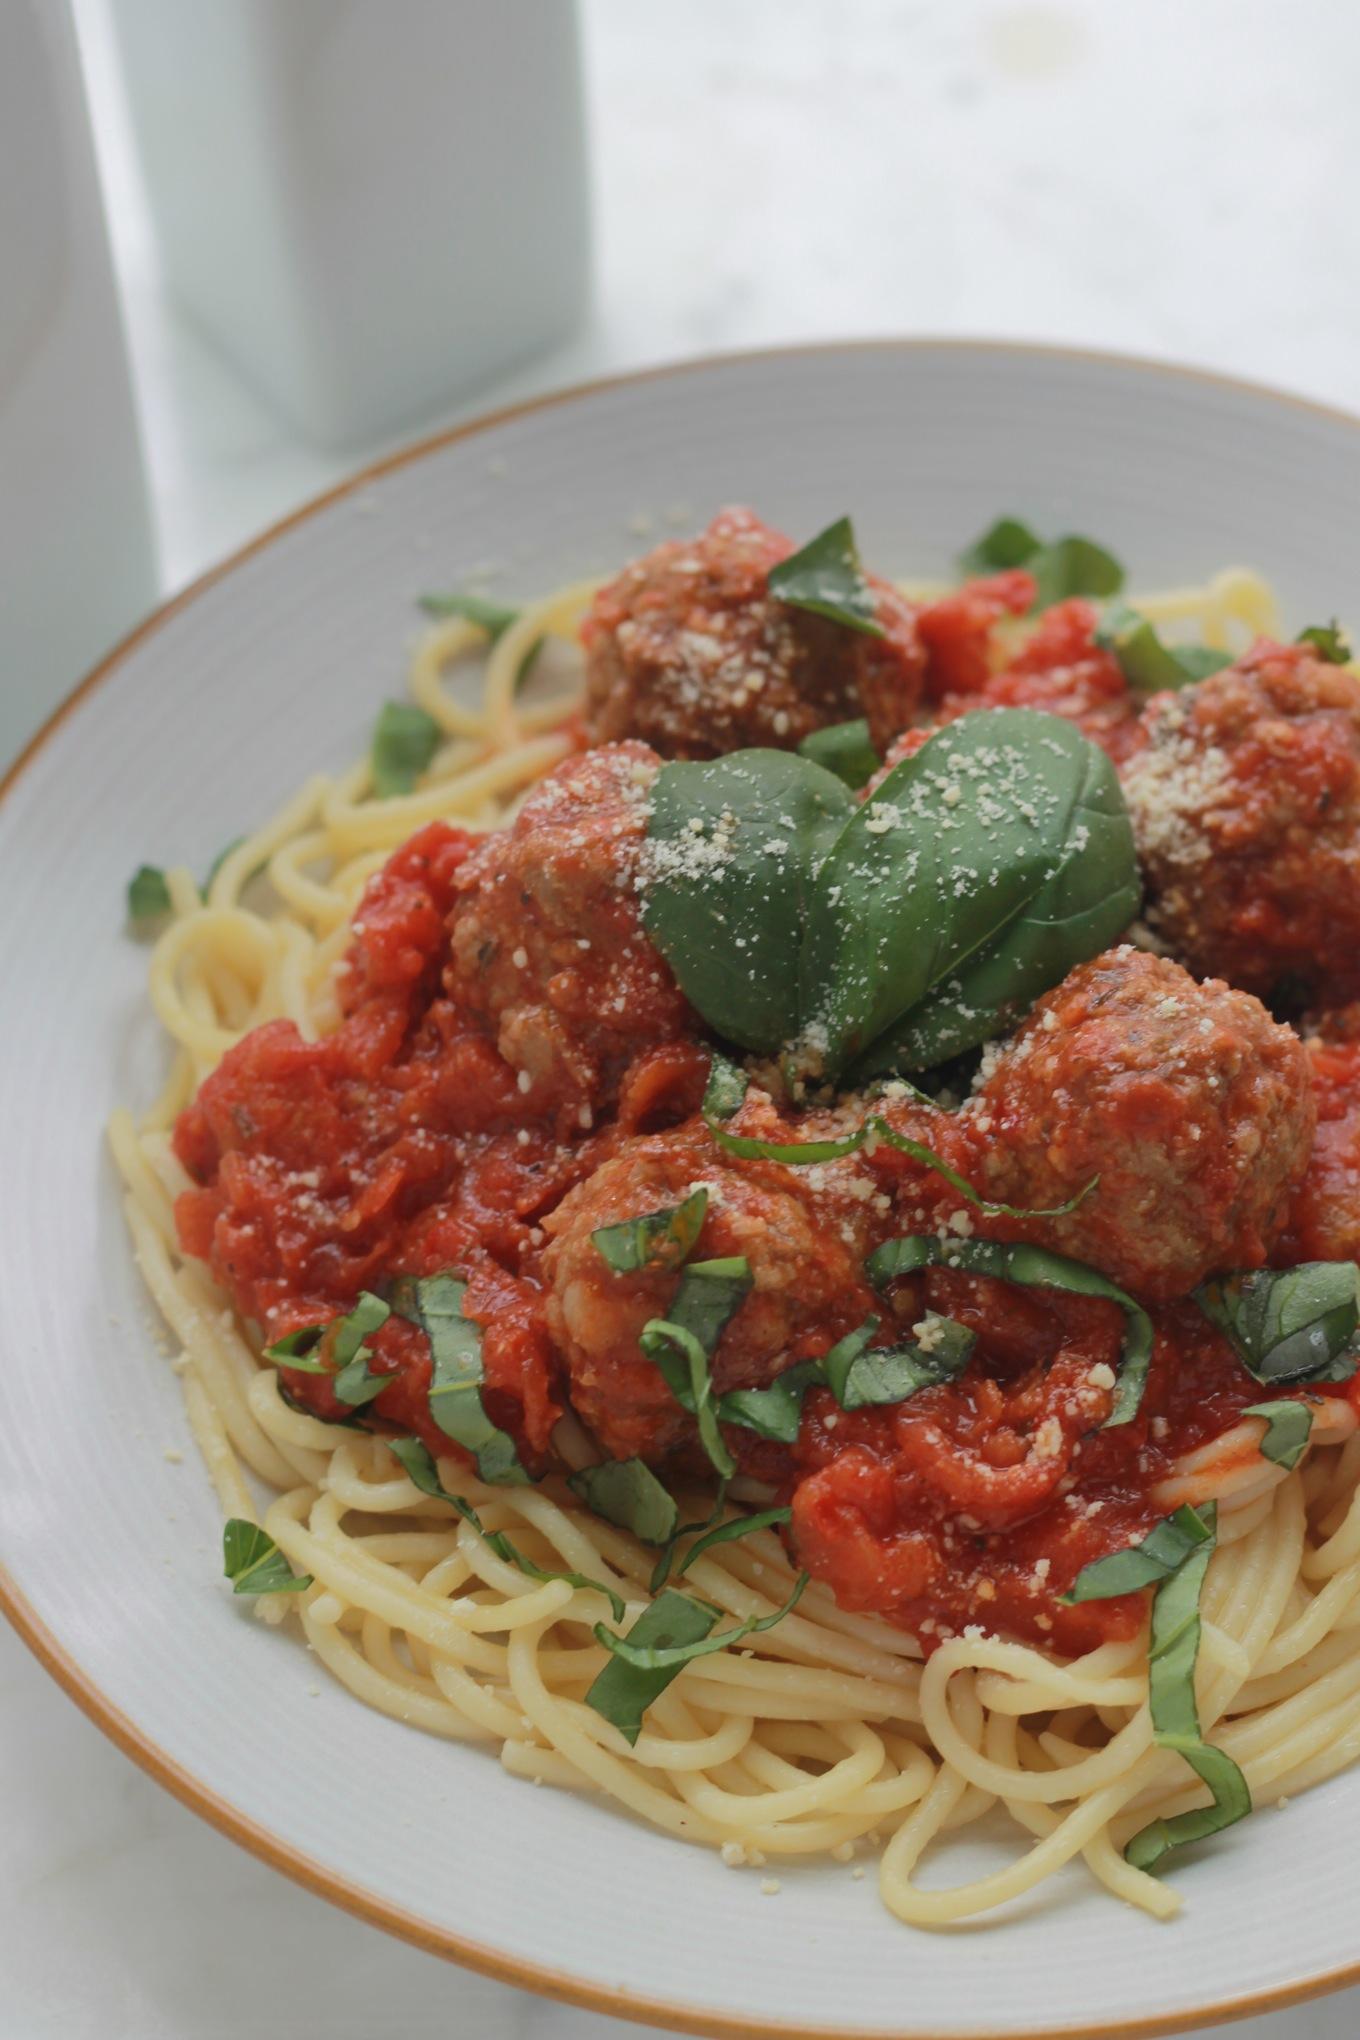 Voici un plat délicieux, facile et rapide à faire : des spaghetti aux boulettes de viande dans une sauce tomate. C'est un plat apprécié de tout le monde, particulièrement les enfants. /cuisineculinaire.com